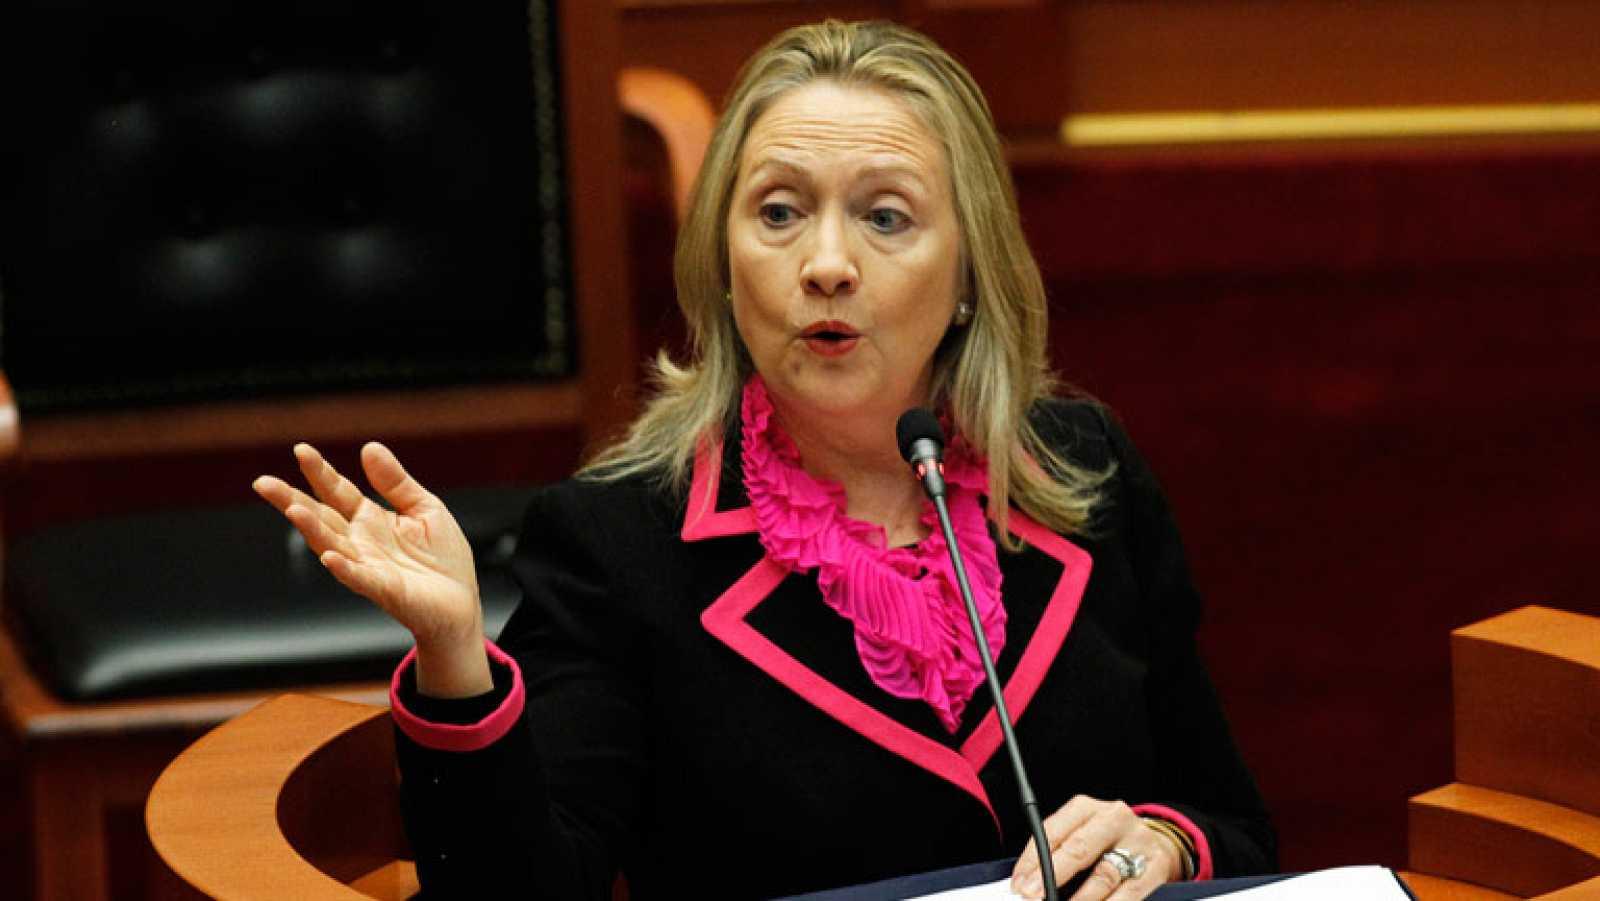 Clinton y Geithner no formarán parte del nuevo gabinete de Obama